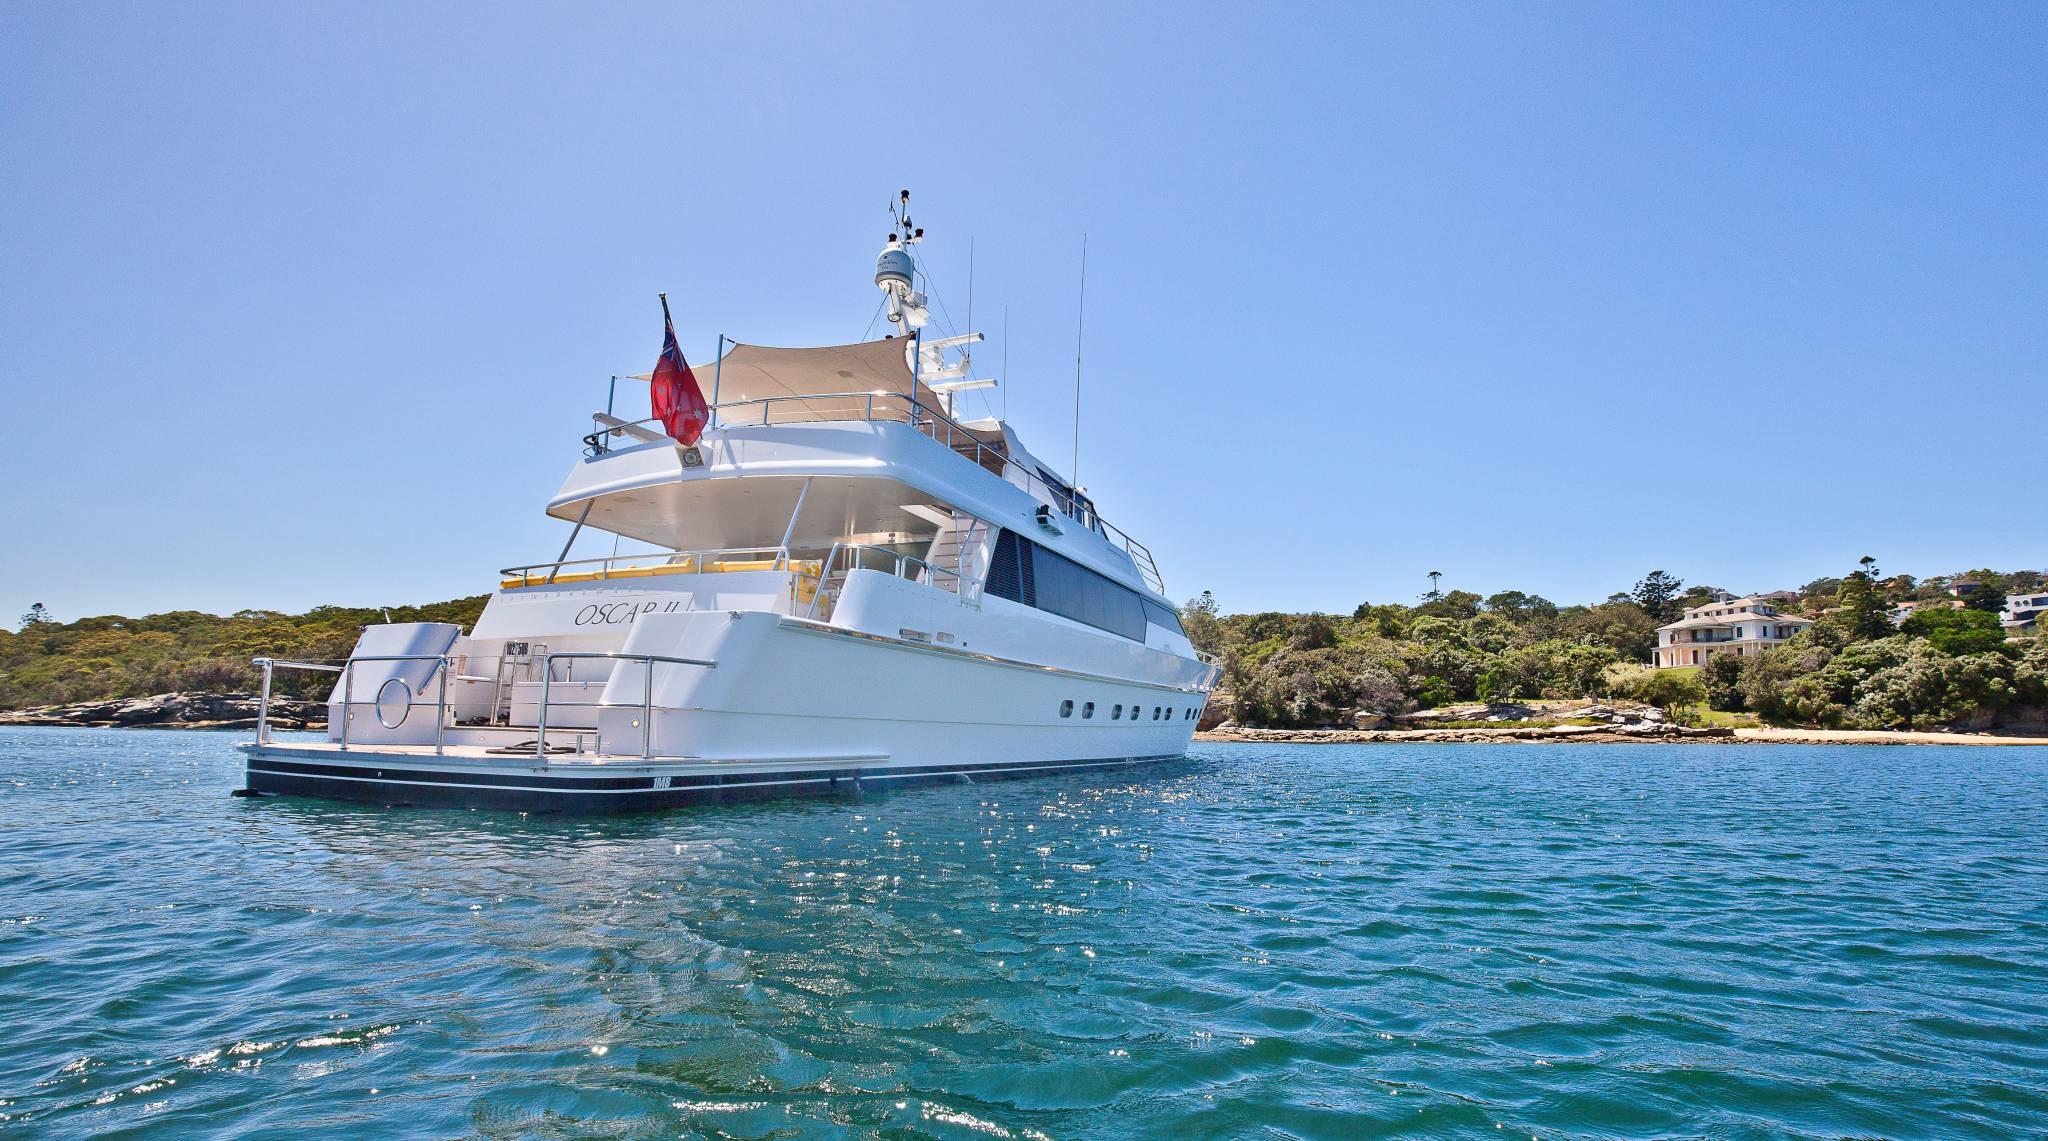 Oscar II - Luxury Yacht Charter - Whitsundays Holidays